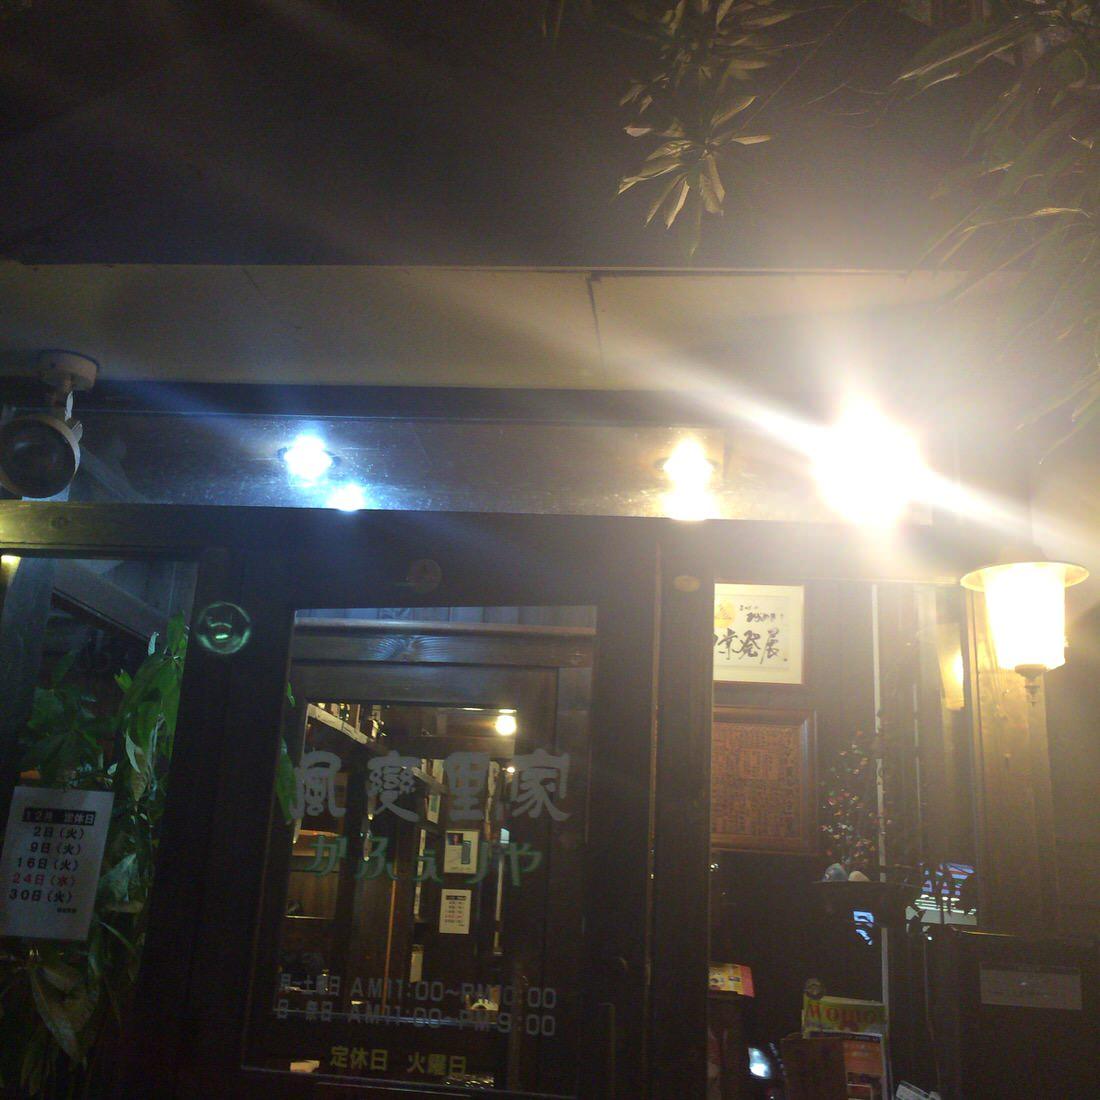 『風変里家/かふぇりや』浜松市 佐鳴湖の目の前でうまい!コーヒーが飲めるカフェ